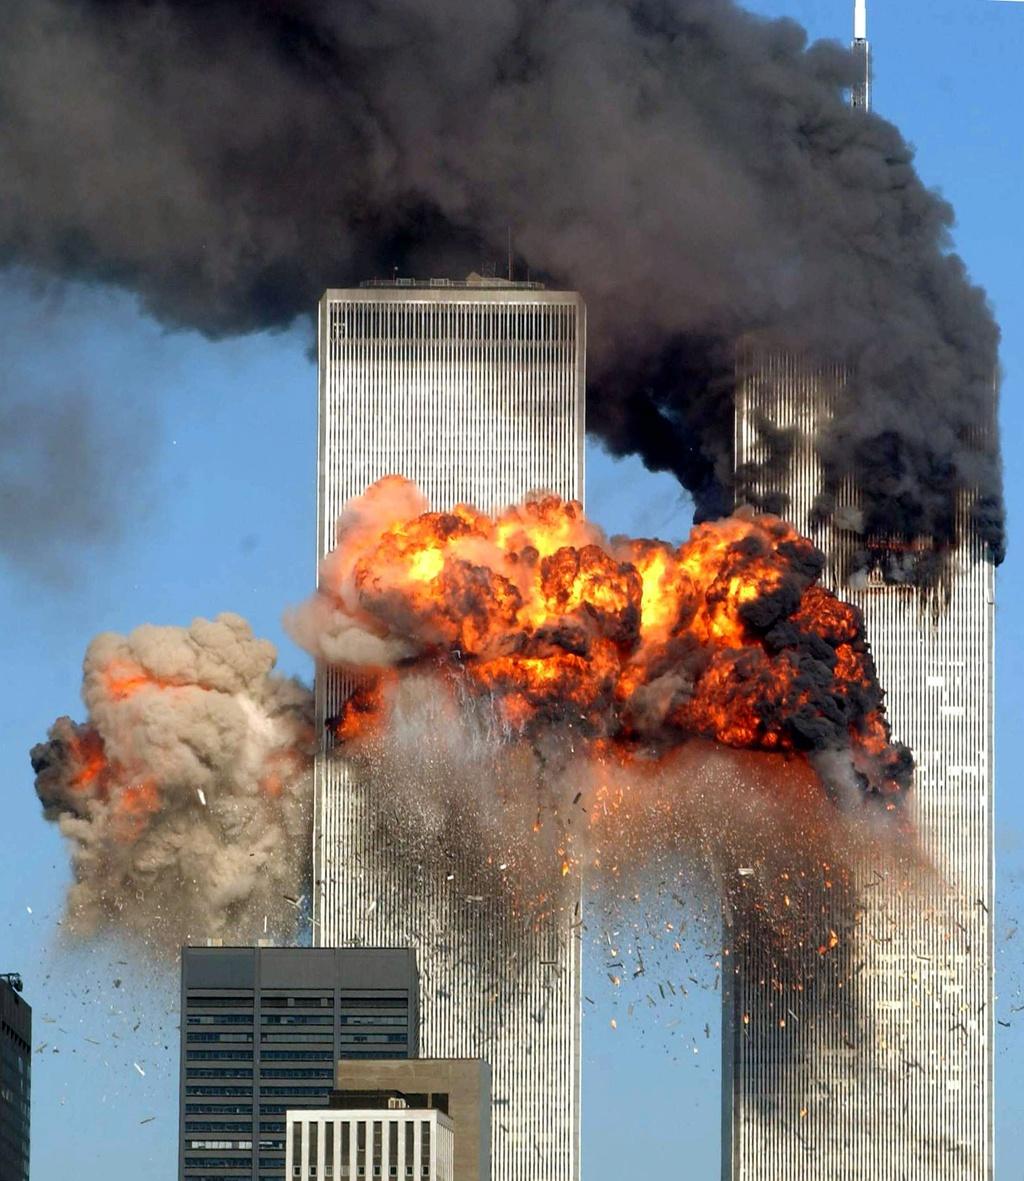 11/9/2001 va khoanh khac thay doi nuoc My mai mai hinh anh 6